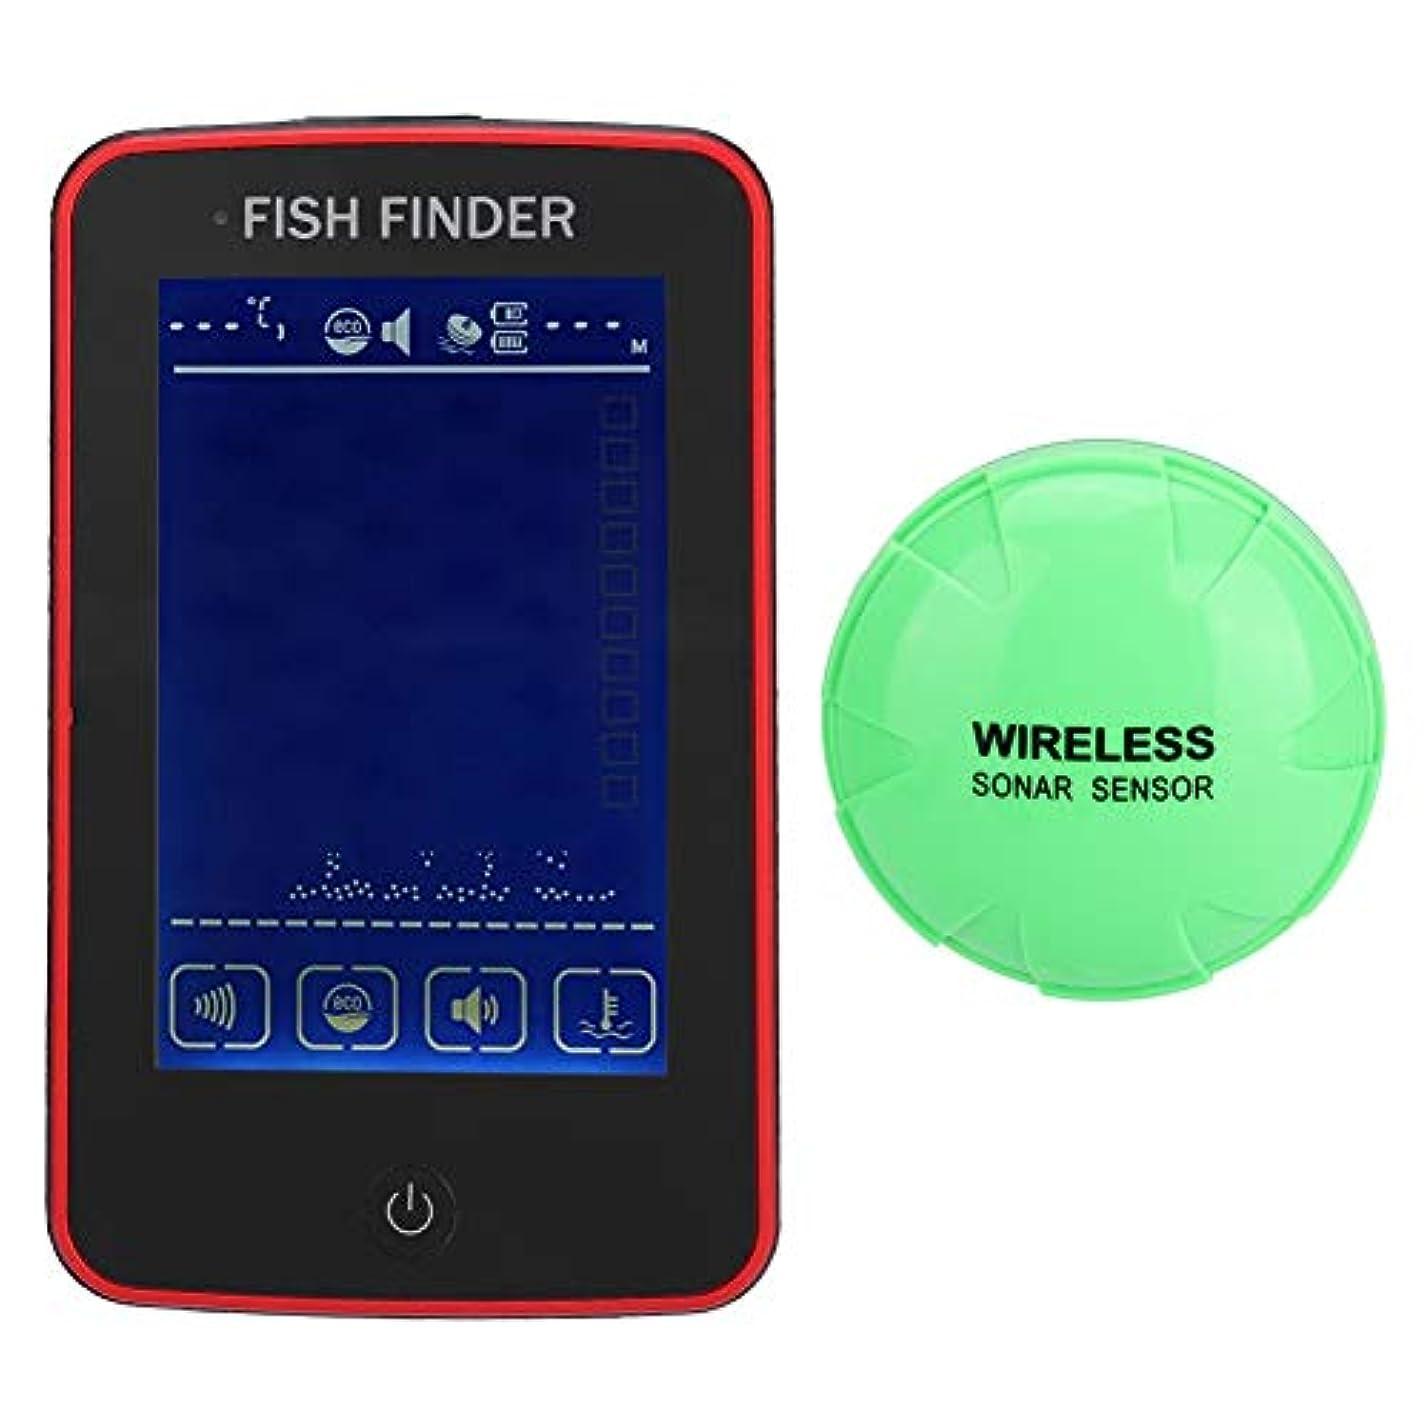 蒸留コカイン事実SoarUp 魚群探知機釣り検出器無線設計釣り用大画面HDディスプレイ105°の検出角度500Mの超長距離検知タッチスクリーン設計防水